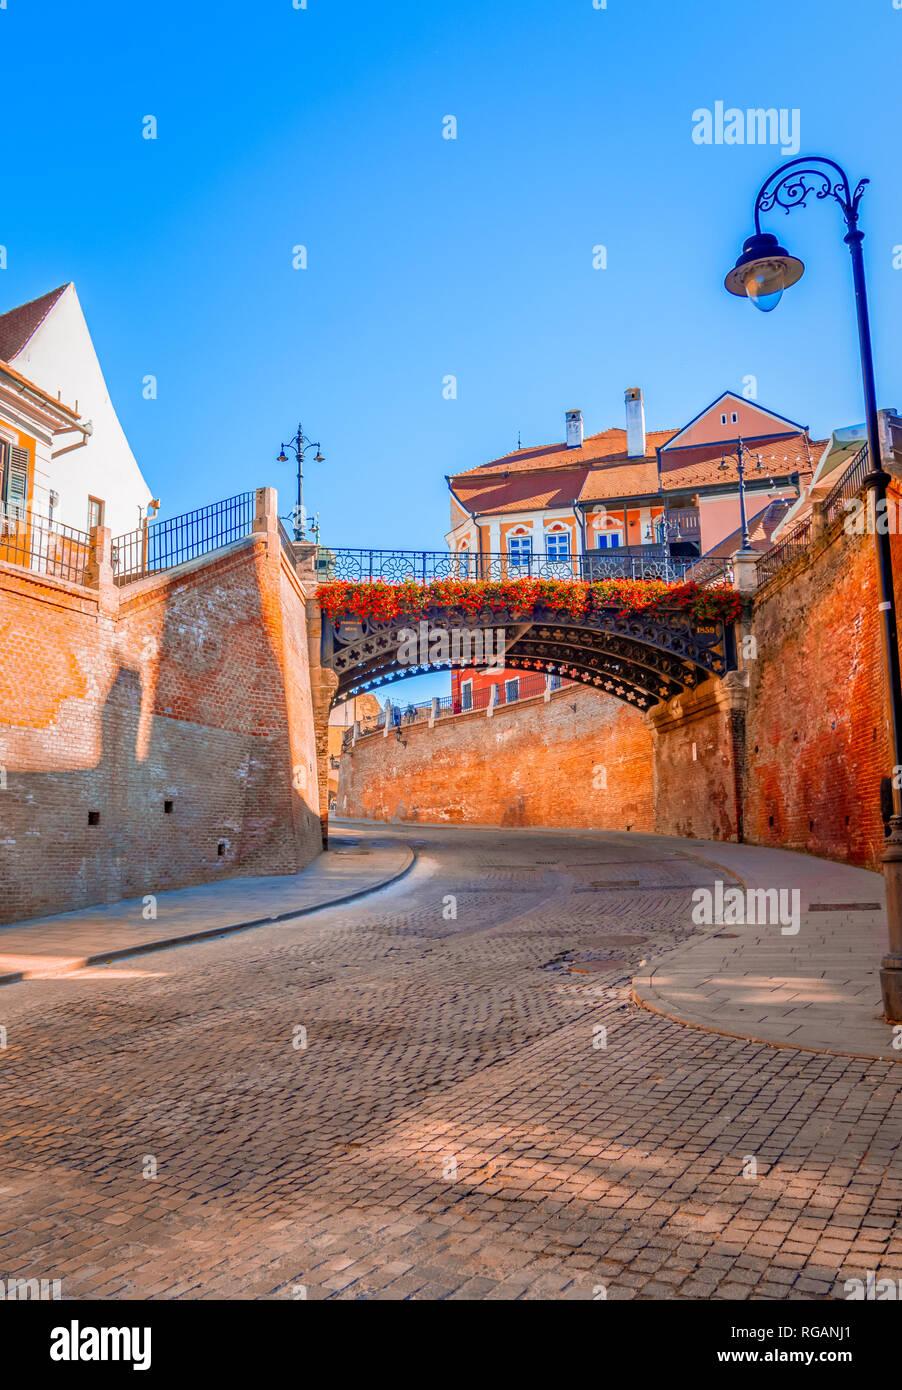 Sibiu, Romania: Liars Bridge in the Small Square Stock Photo